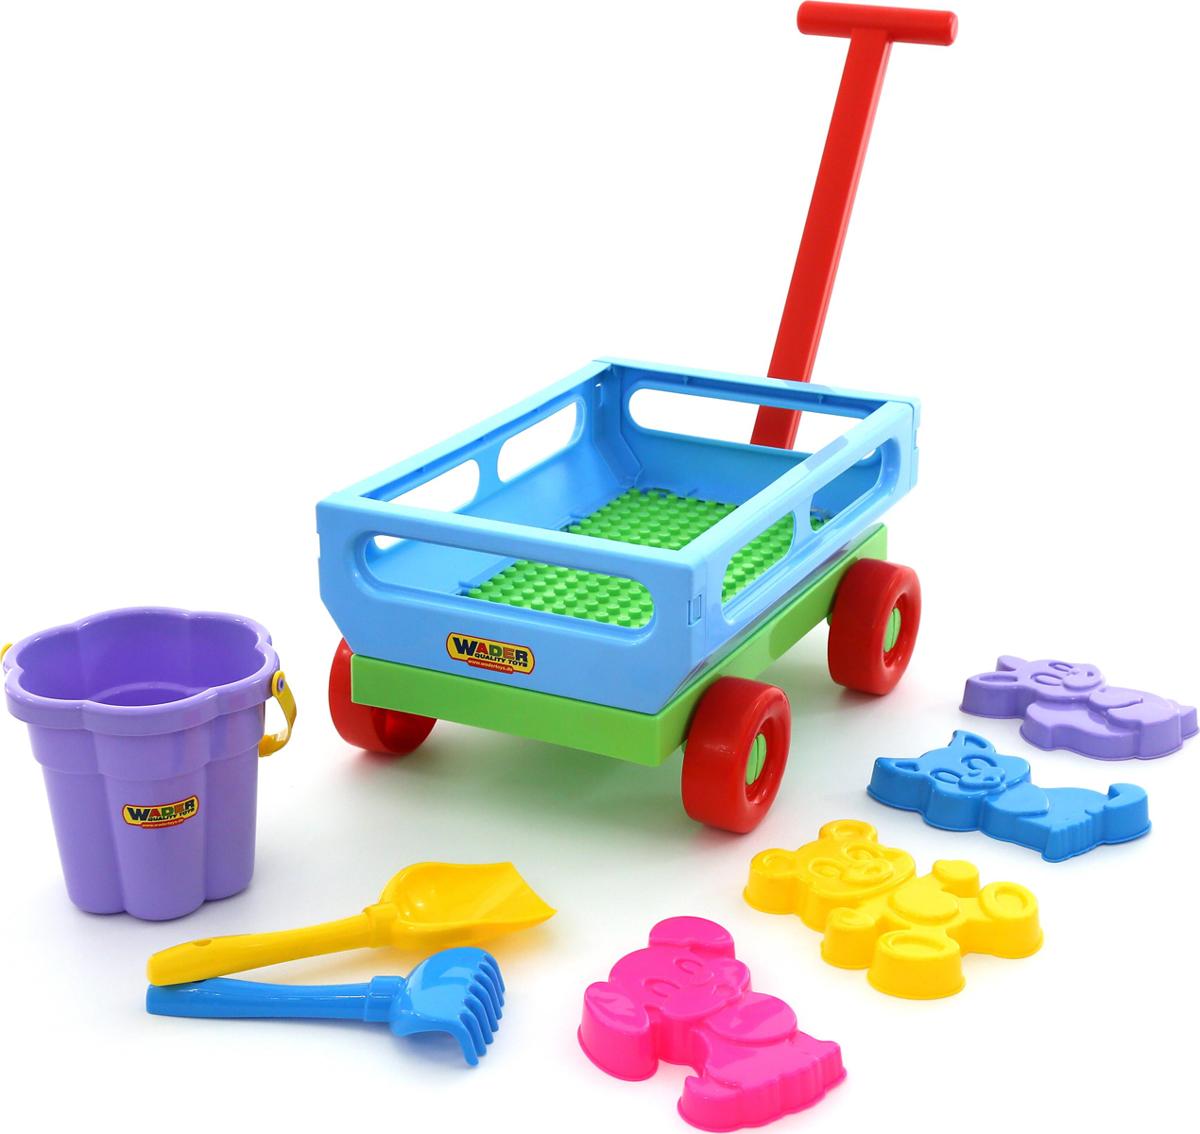 Полесье Набор игрушек для песочницы №491 - Игры на открытом воздухе